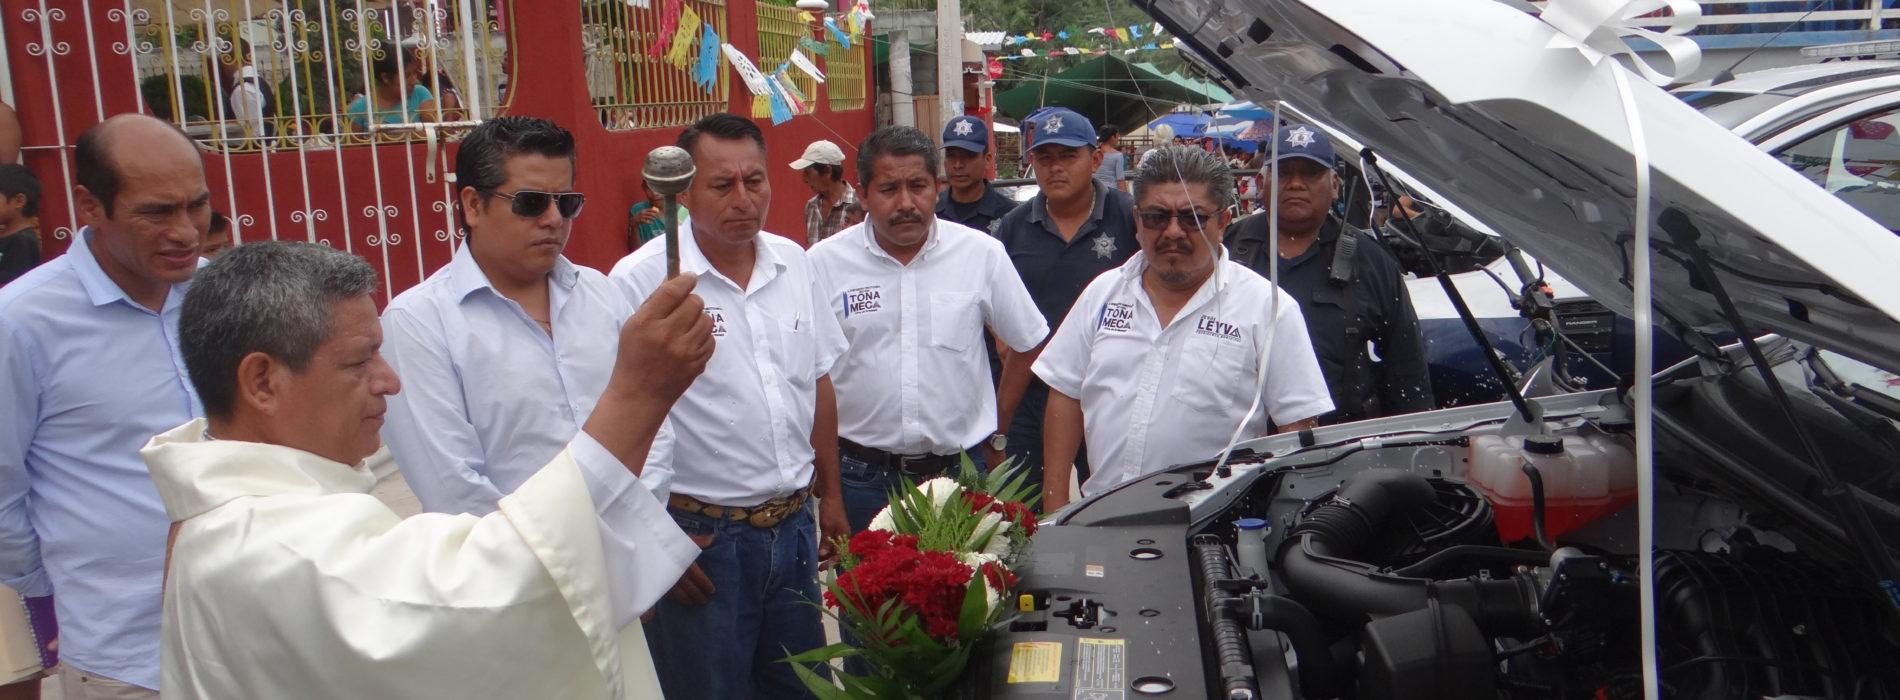 ENTRE DA PATRULLAS A LA DIRECCIÓN DE SEGURIDAD PÚBLICA DE SANTA MARÍA TONAMECA